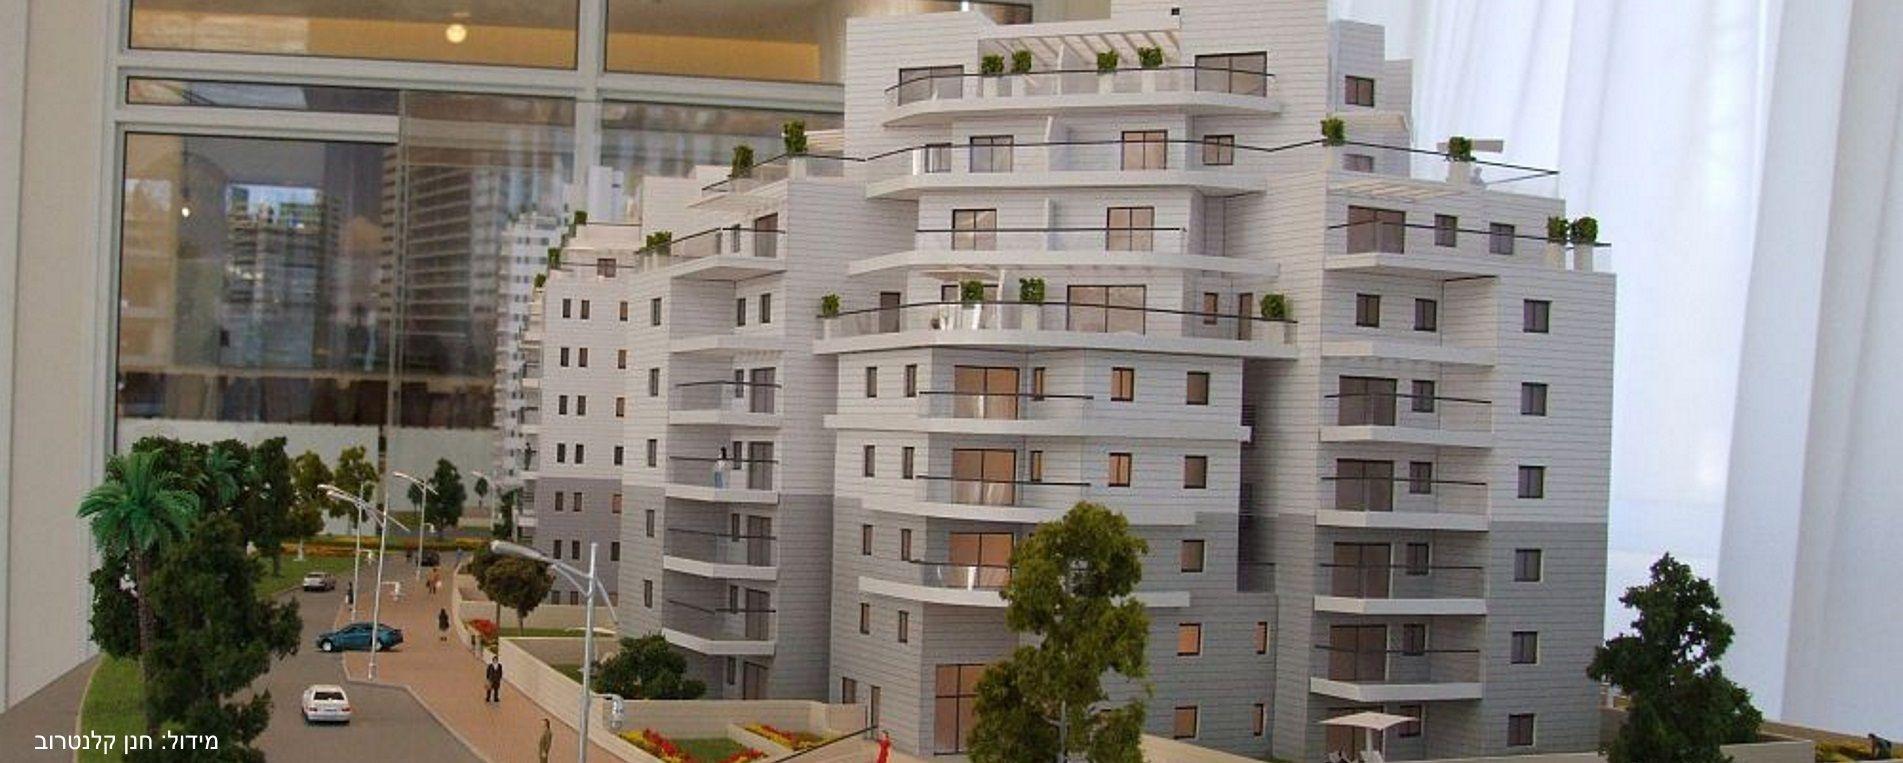 מודלים ארכיטקטוניים